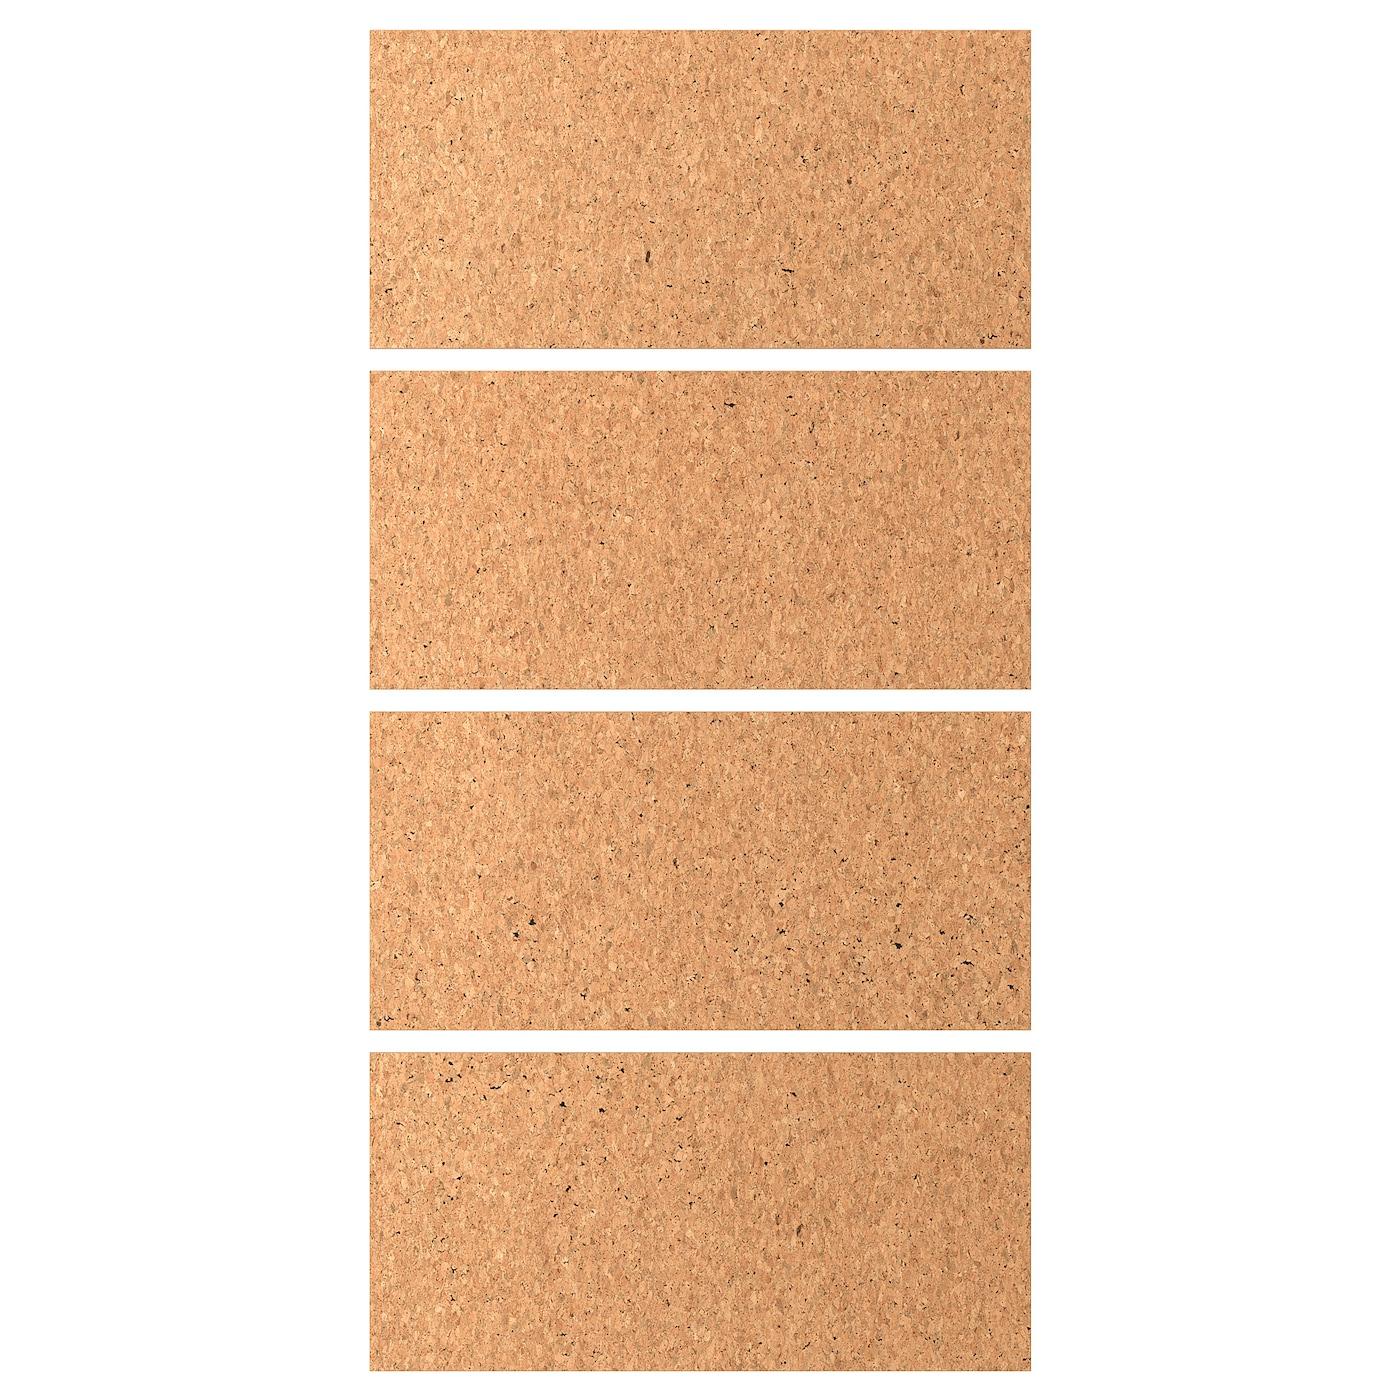 """Panneau En Liège Ikea kirkenes 4 panneaux pr pte coul - placage de liège 39 3/8x79 1/8 """" (100x201  cm)"""